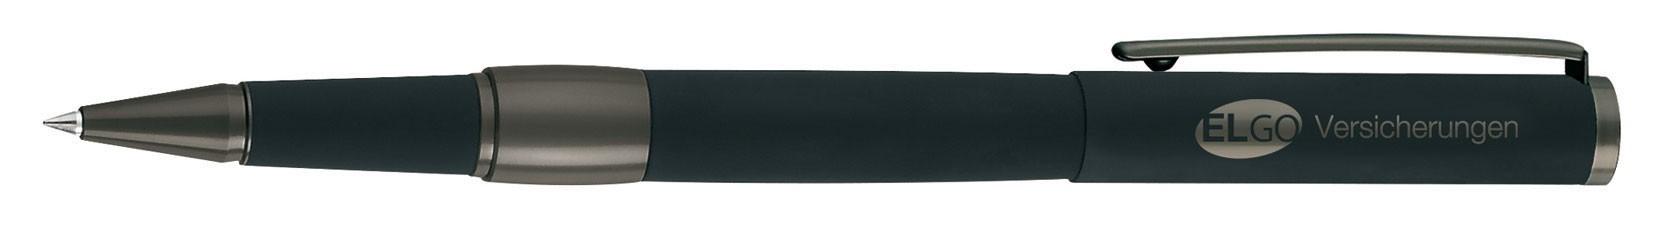 Stylo roller publicitaire Image Black - cadeau d'entreprise